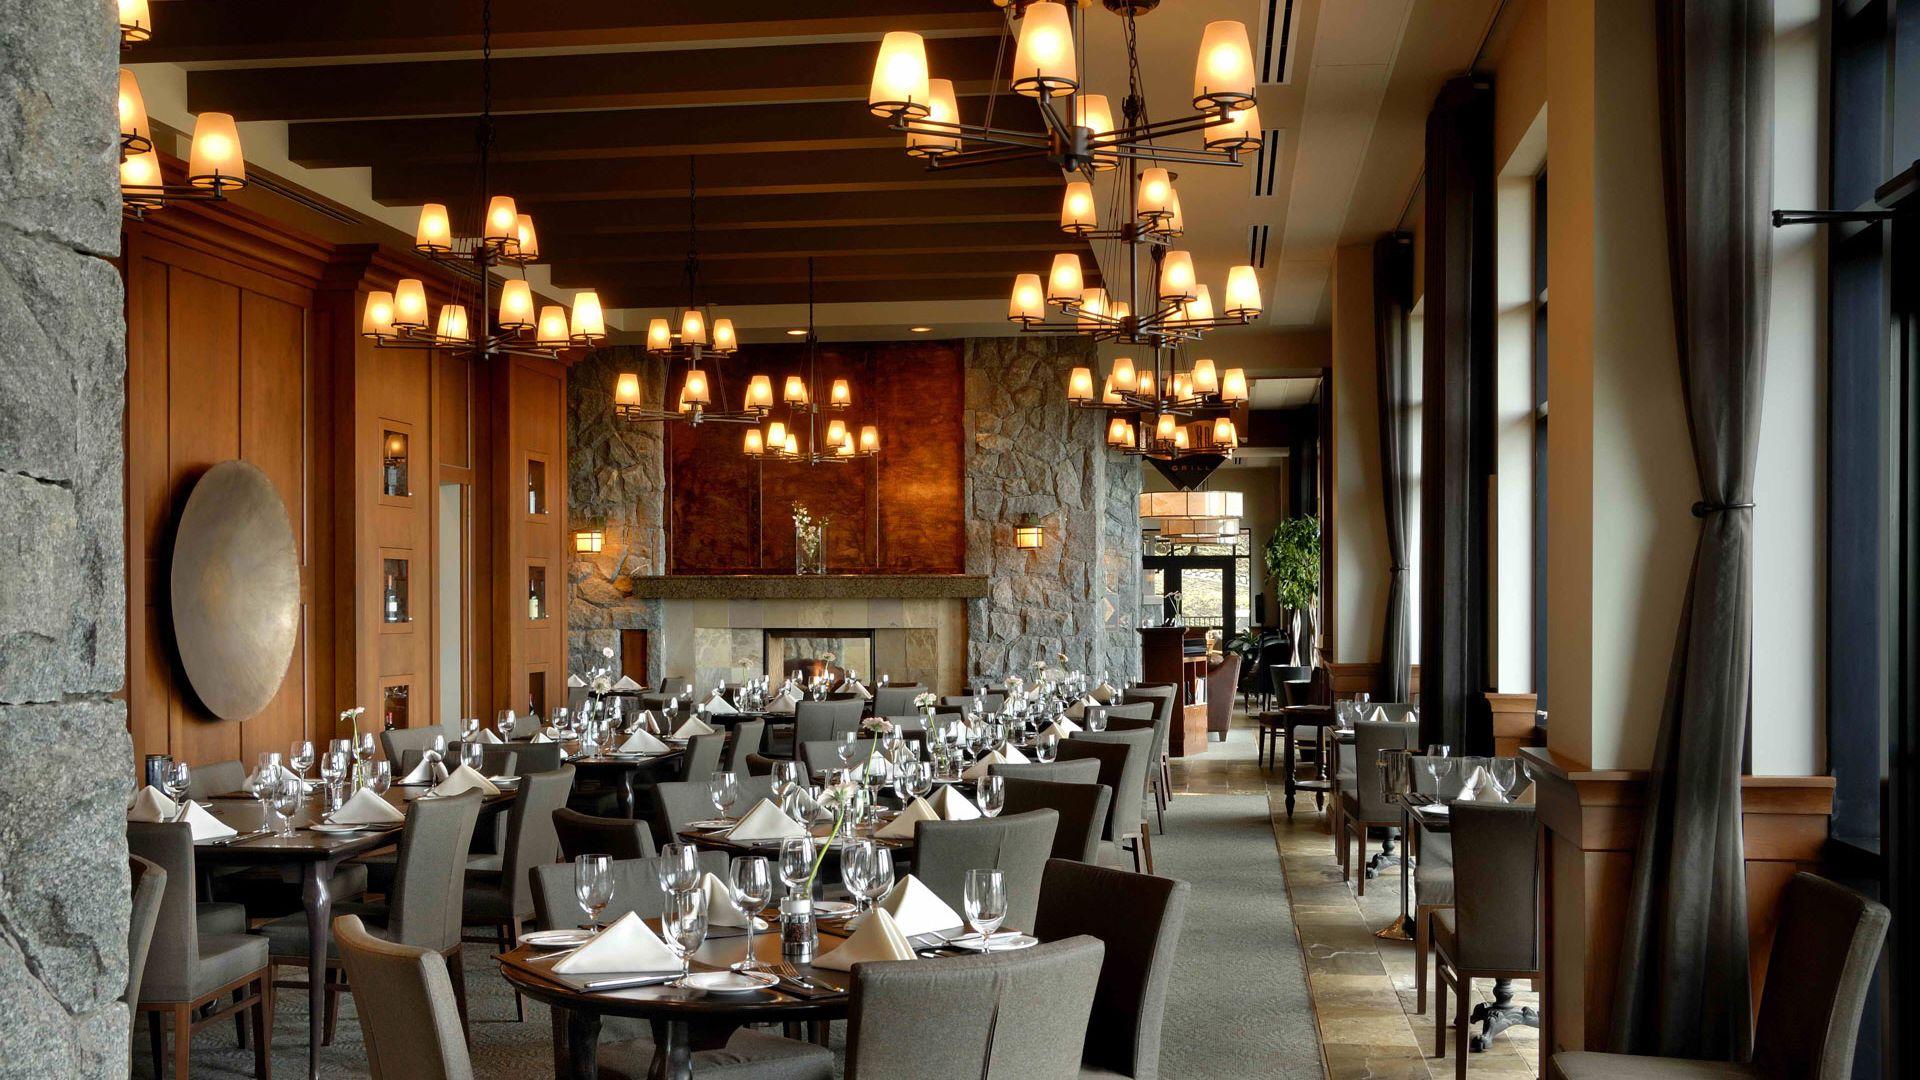 YSK Furniture restaurant furniture luxury five star hotel-1